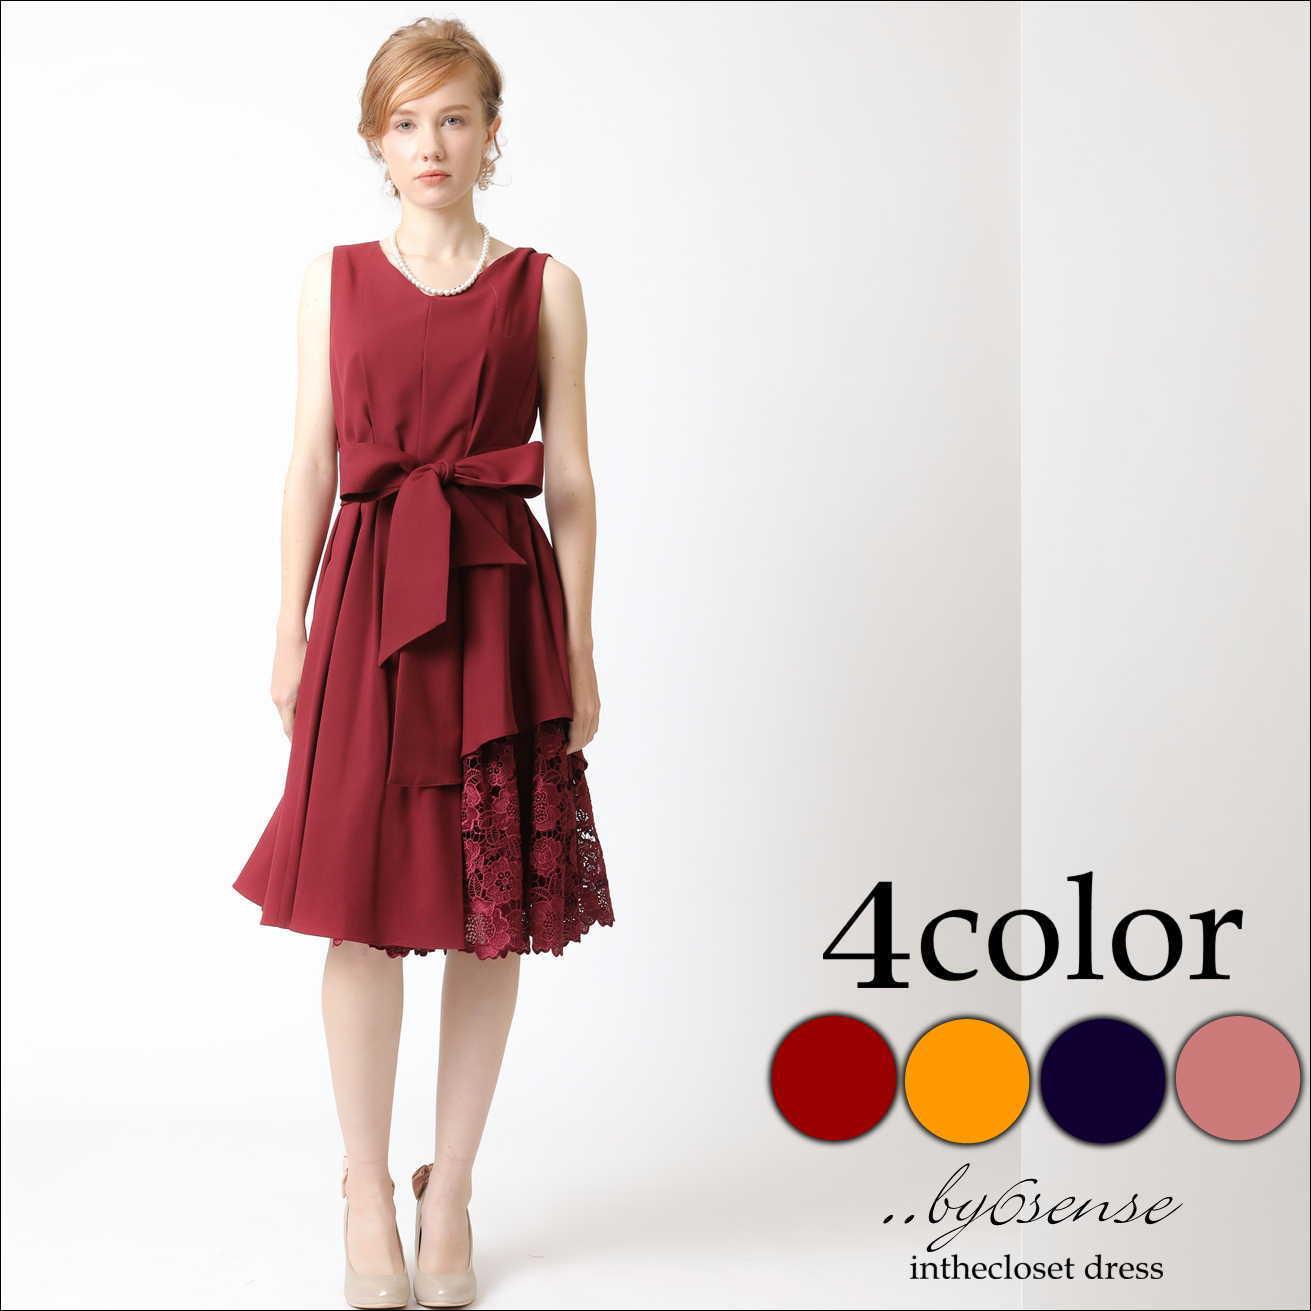 4color(ワインレッド) サッシュベルト付き裾アシメレースミドル丈ワンピースDorryDollドリードールドレス